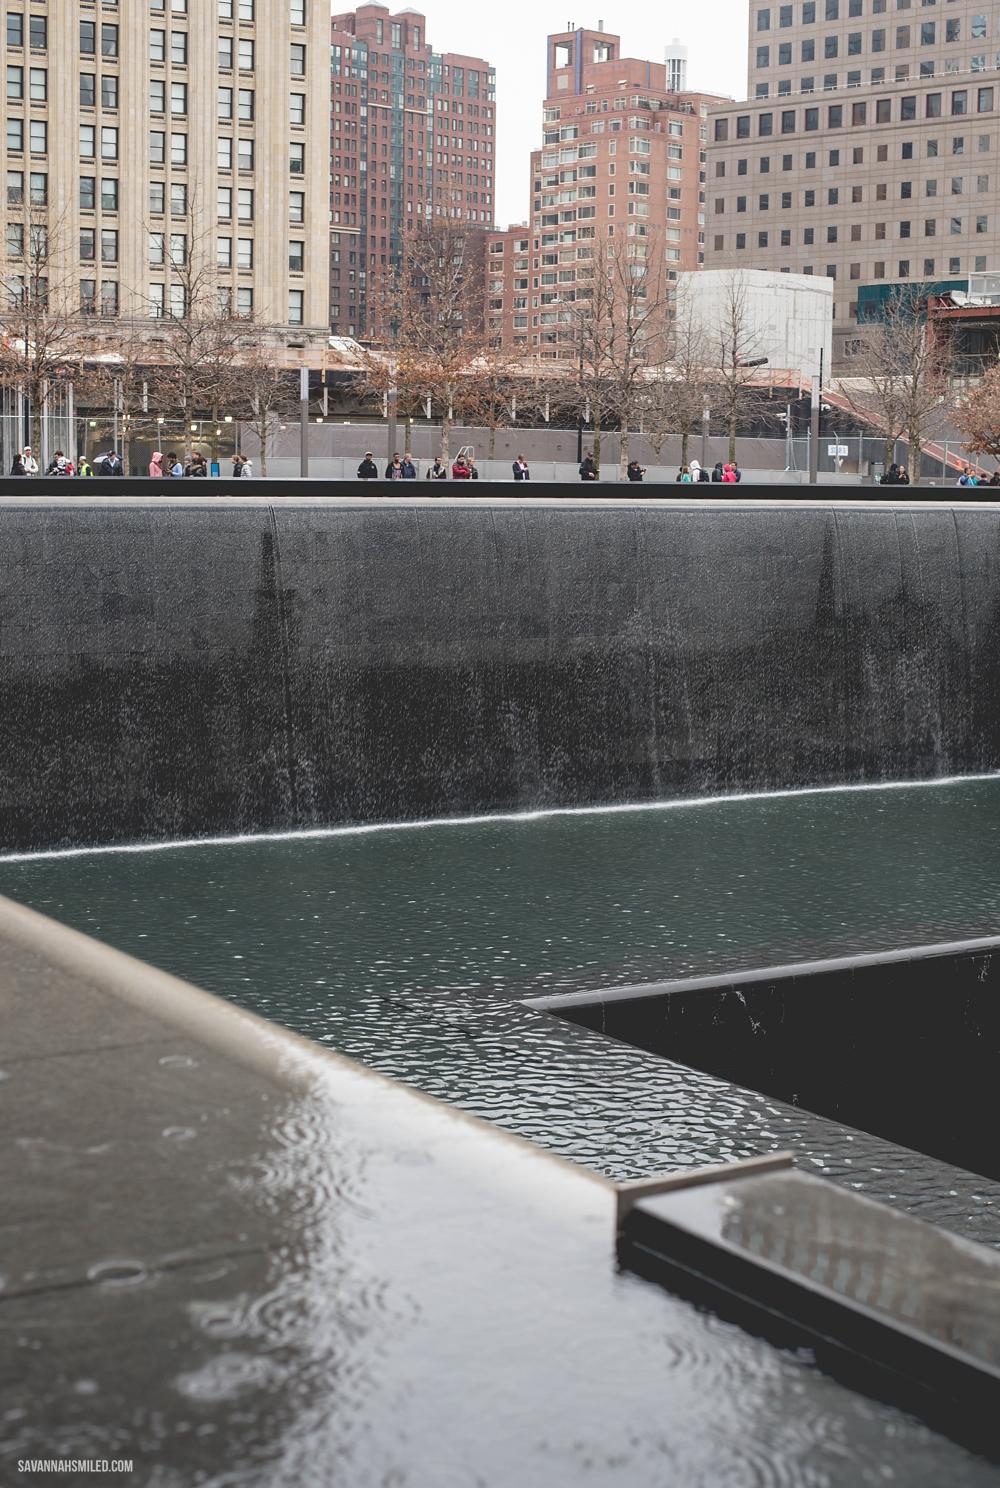 911-new-york-city-memorial-pools-14.jpg